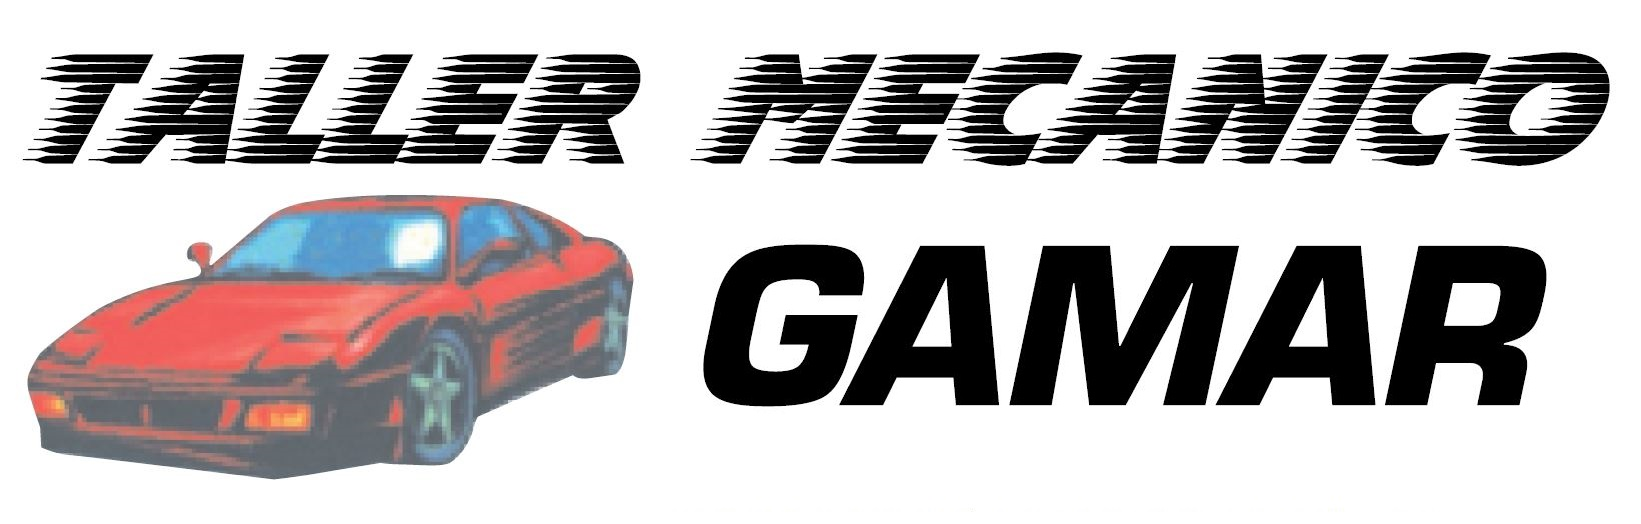 Taller Mecánico Gamar